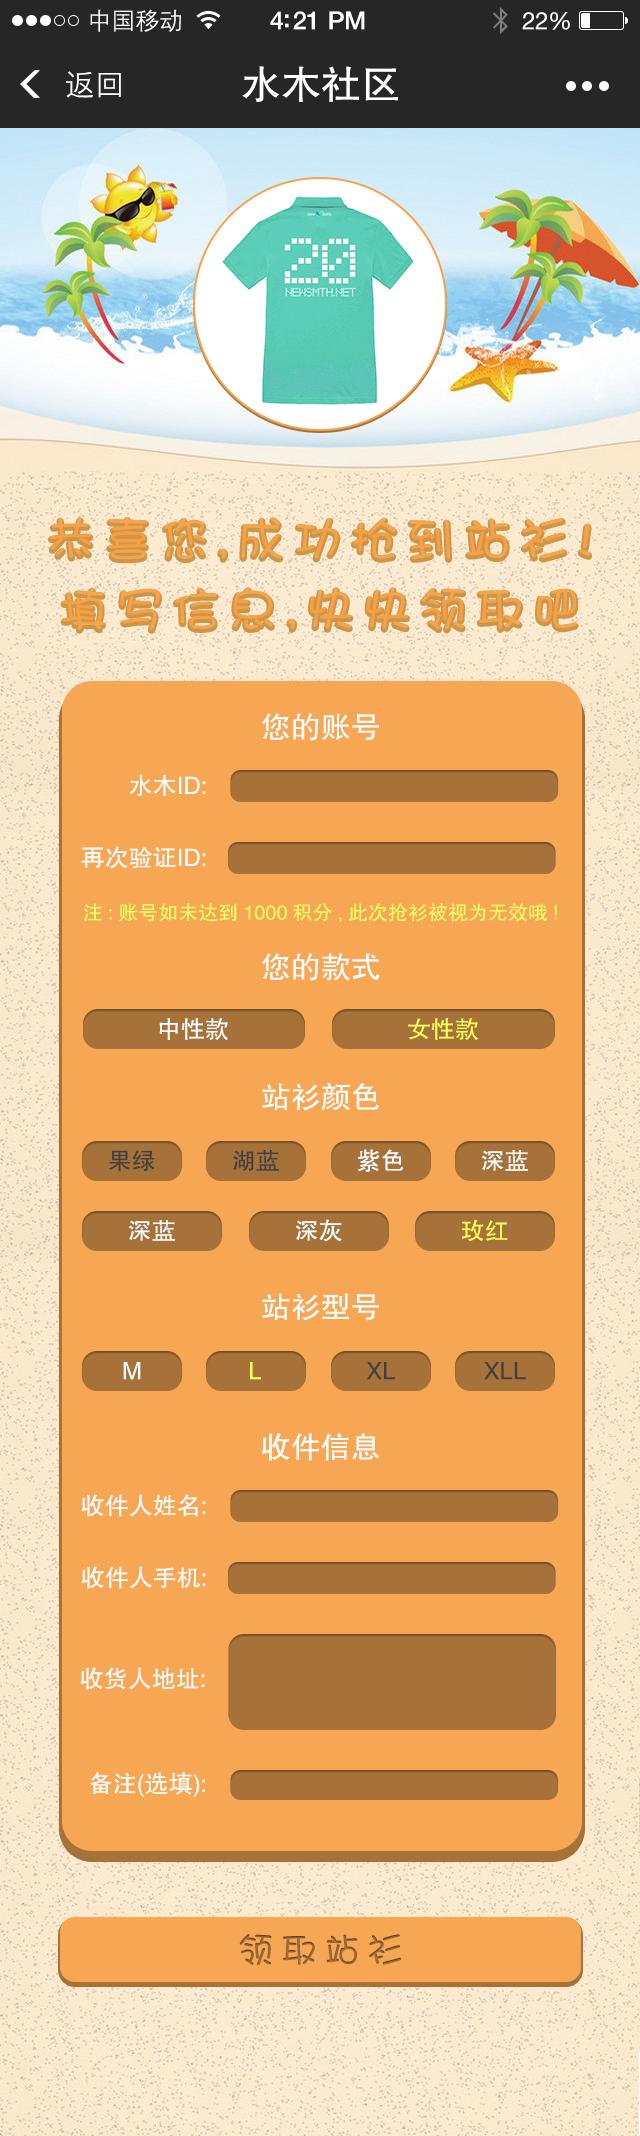 微信端页面(水木社区活动) 专题/活动 网页